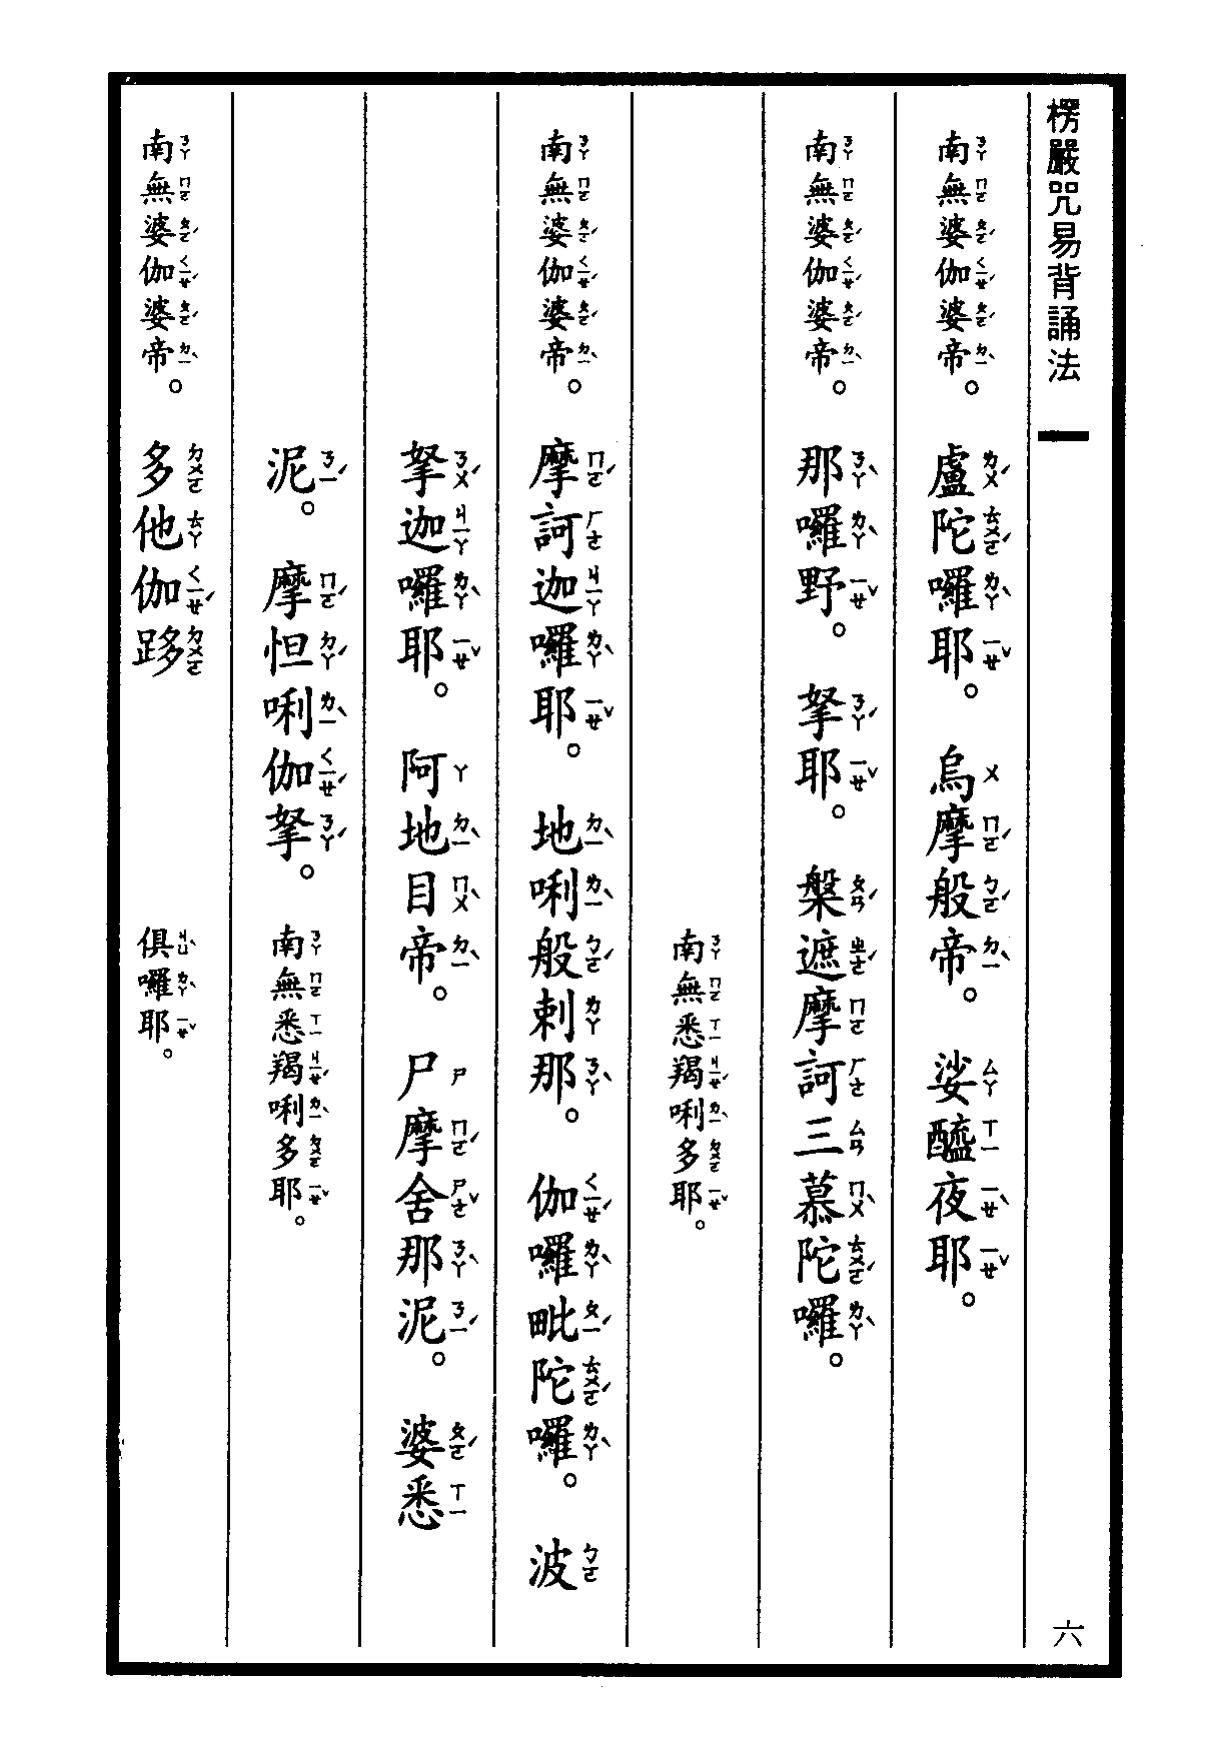 楞嚴咒-大悲咒-十小咒-易背本 12.png